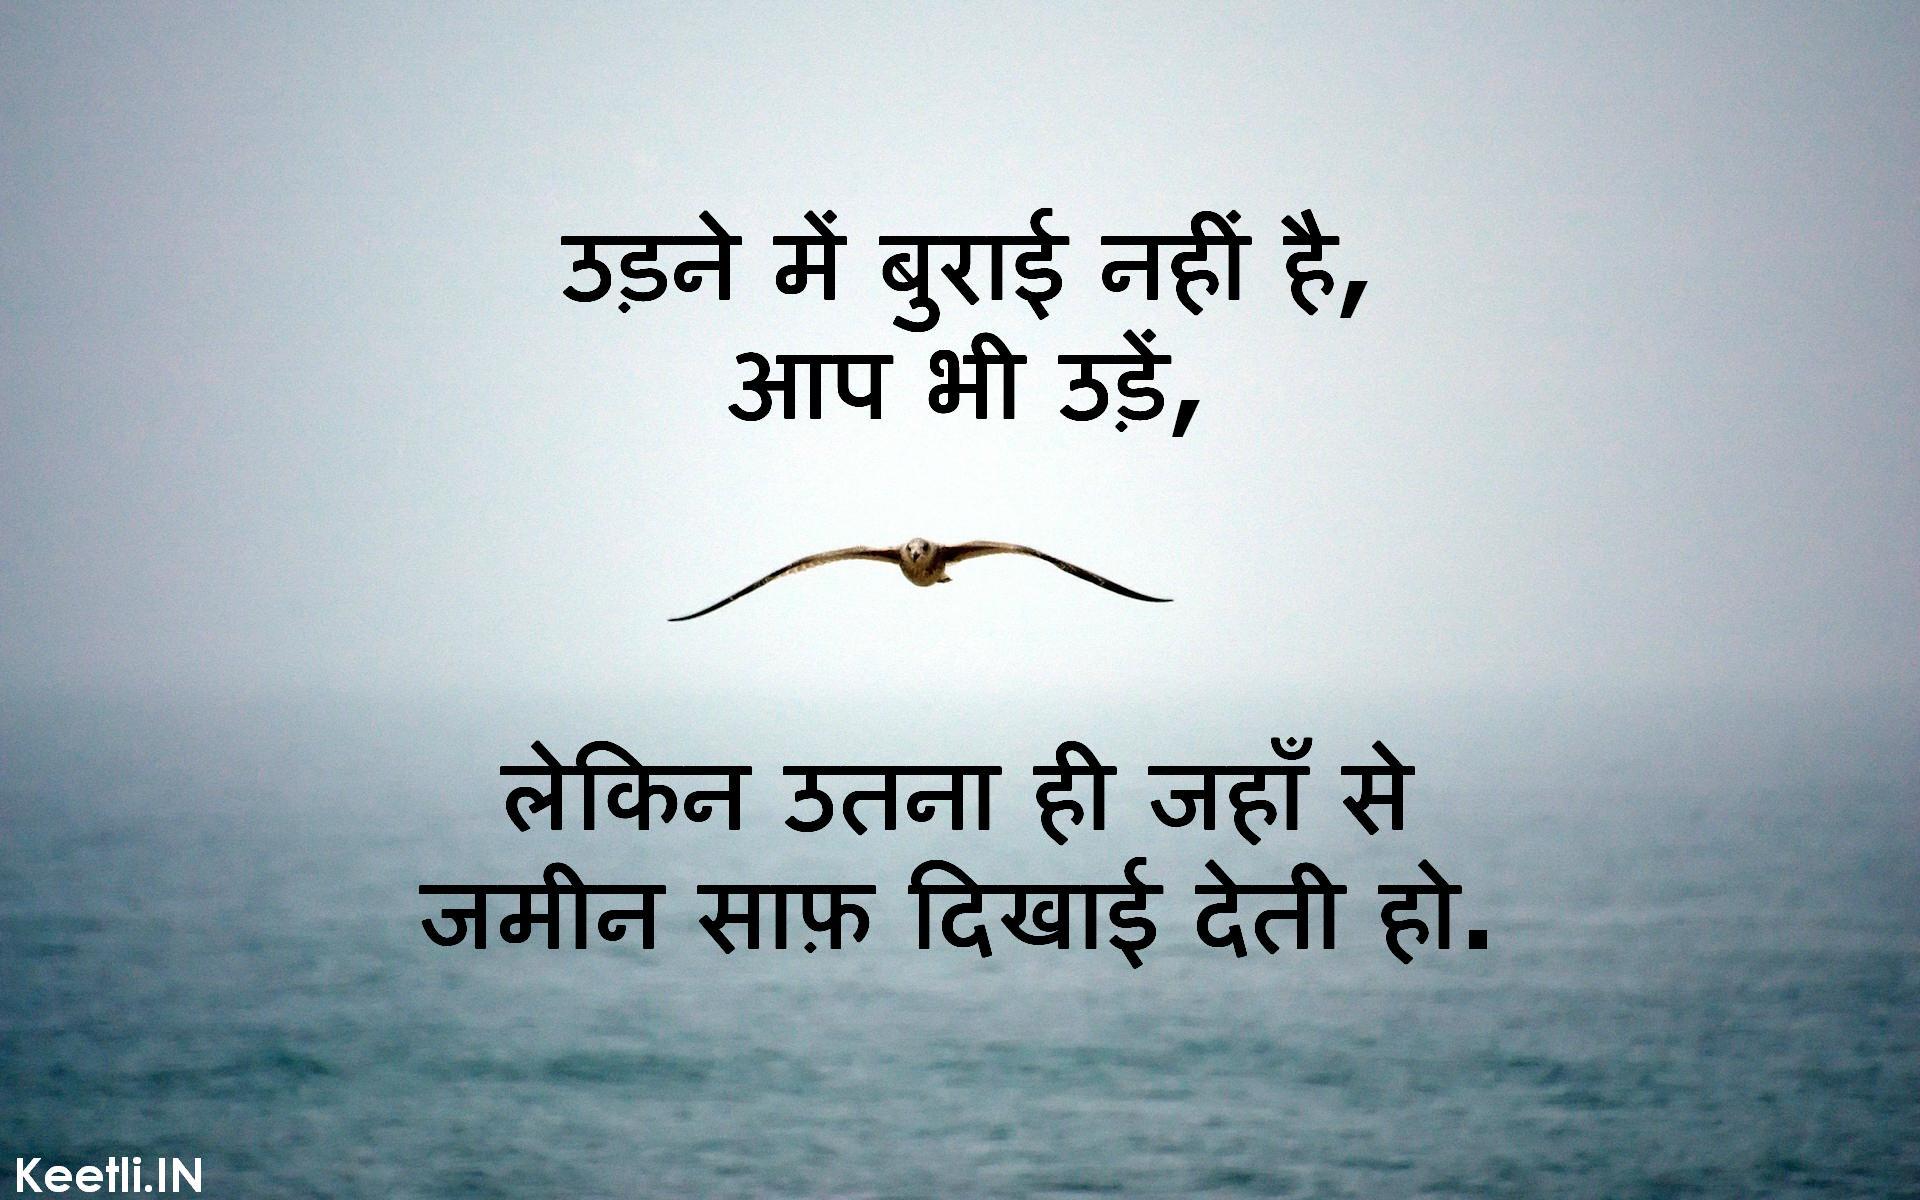 Top Motivational Quotes In Hindi Hindi Shayari